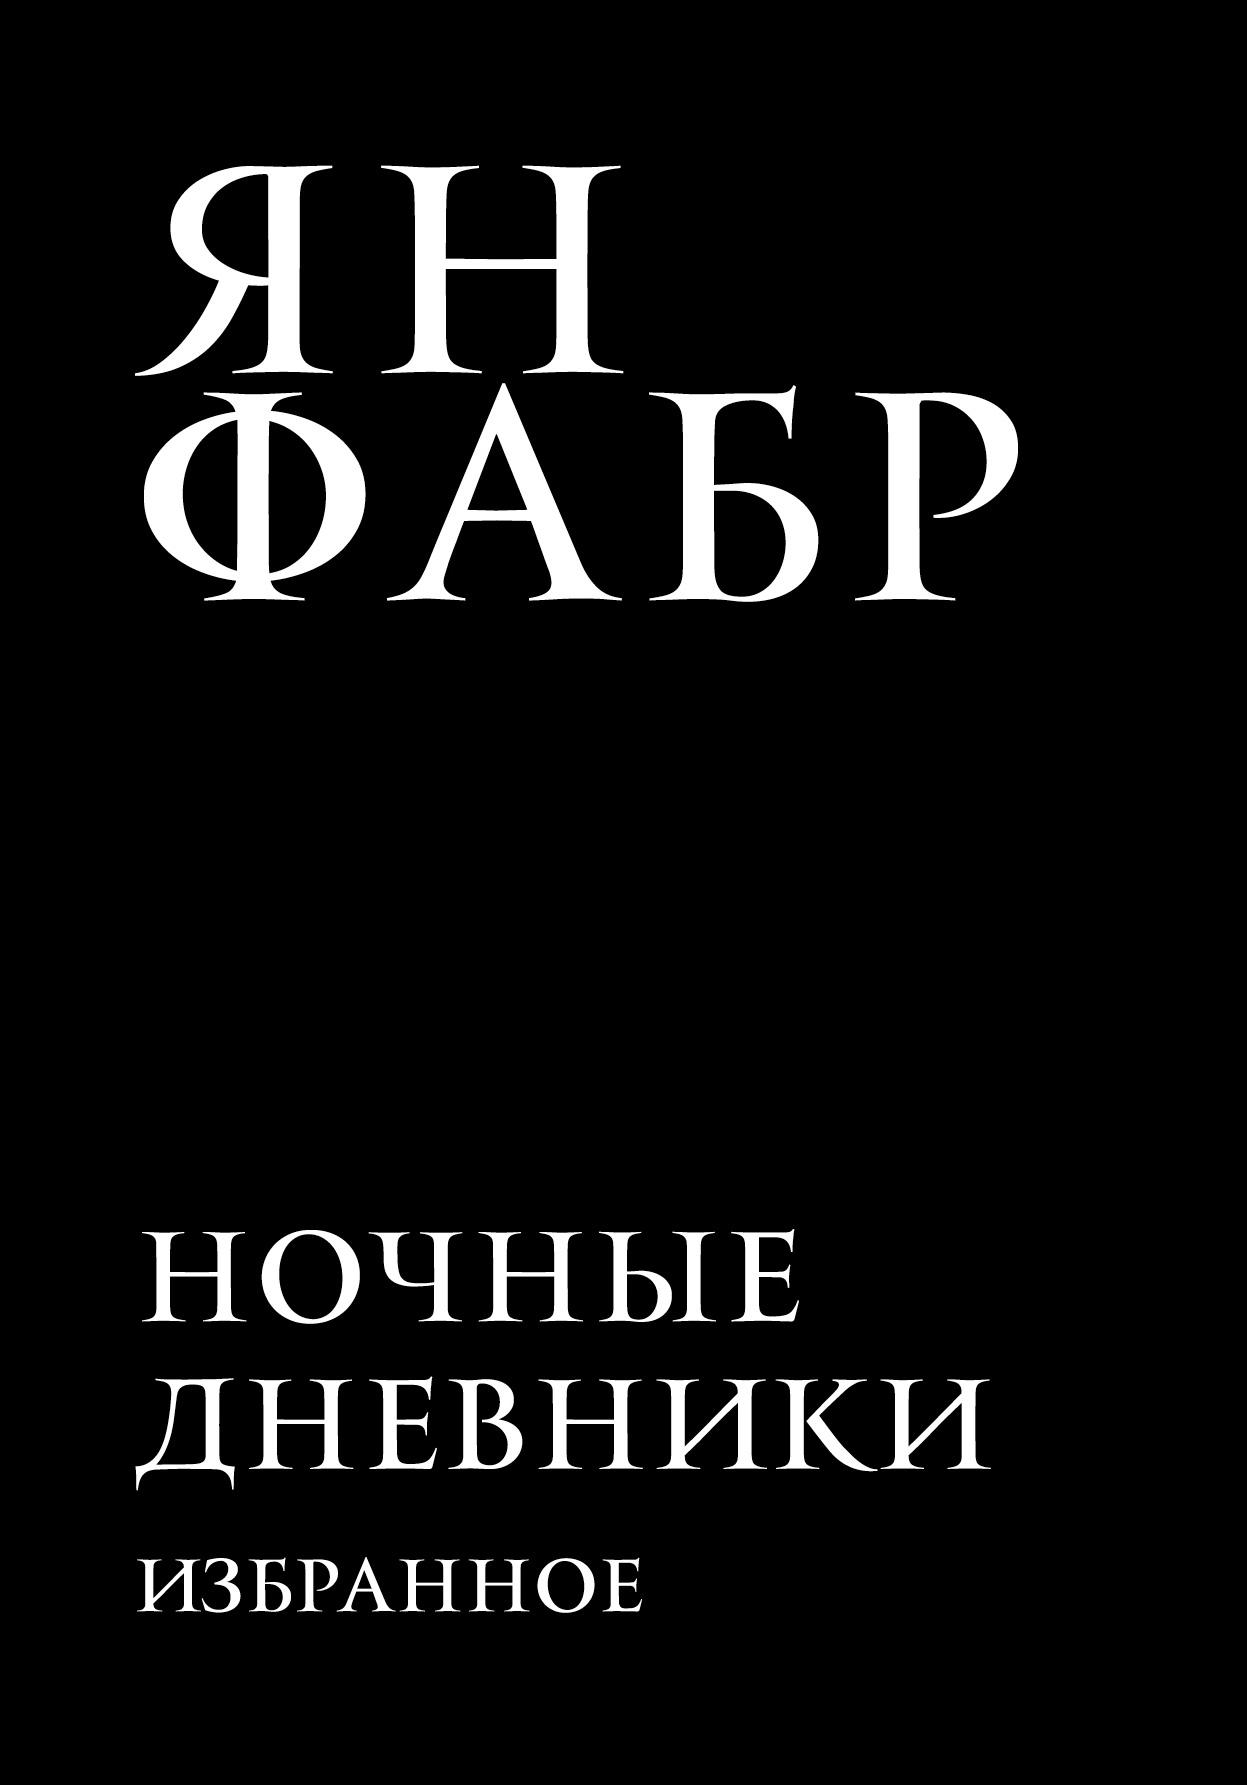 Ян Фабр Ночные дневники. Избранное фабр битва жуков